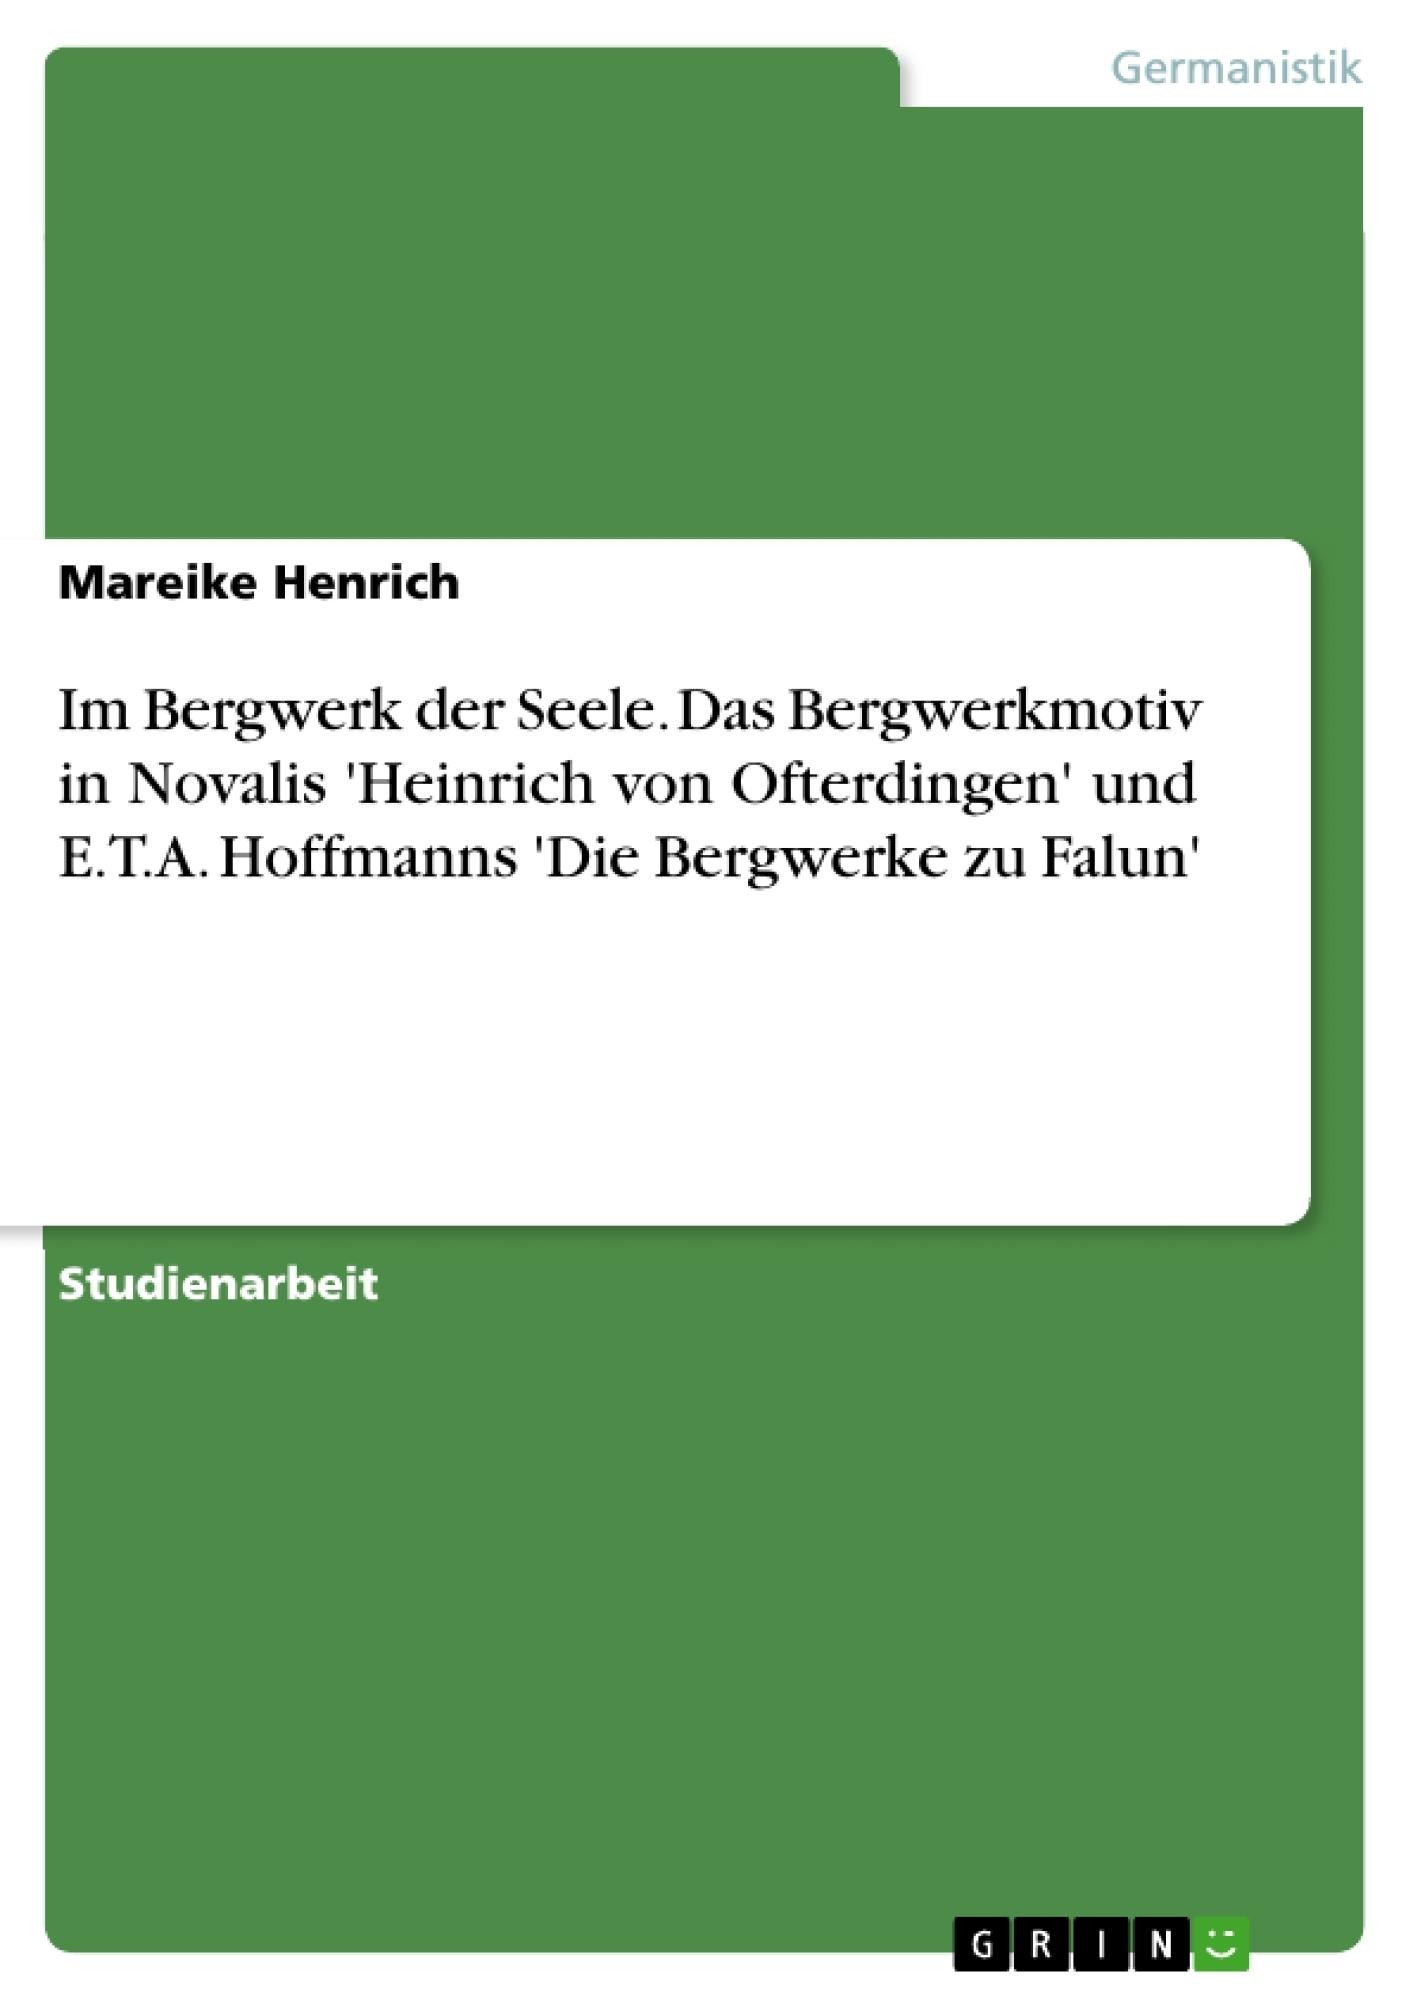 Titel: Im Bergwerk der Seele. Das Bergwerkmotiv in Novalis 'Heinrich von Ofterdingen' und E.T.A. Hoffmanns 'Die Bergwerke zu Falun'